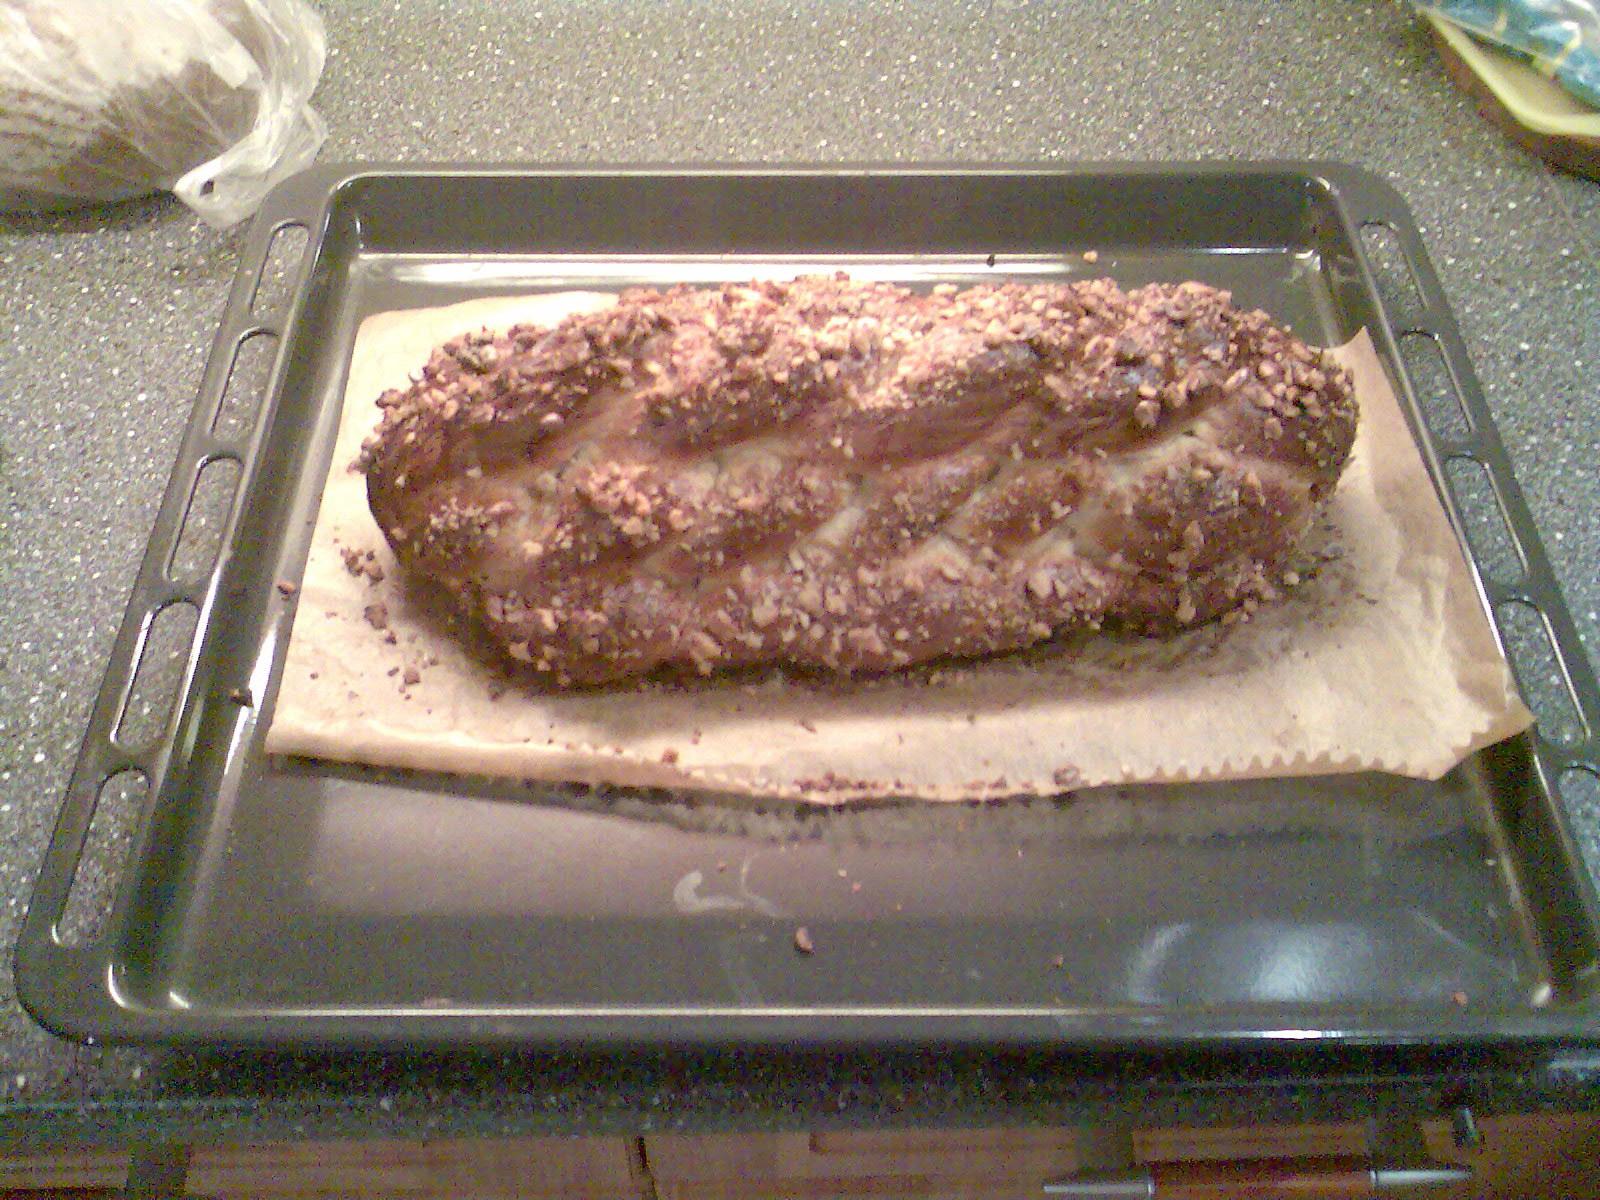 Recept Vánočka mojí babičky - Vánočka mojí babičky - navrch jsem ji posypala drcenými vlašskými ořechy.